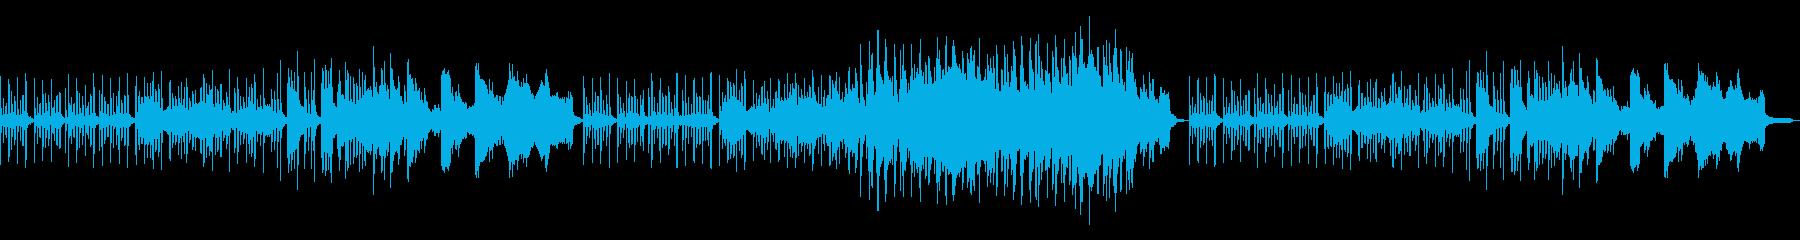 不思議な雰囲気のBGMの再生済みの波形